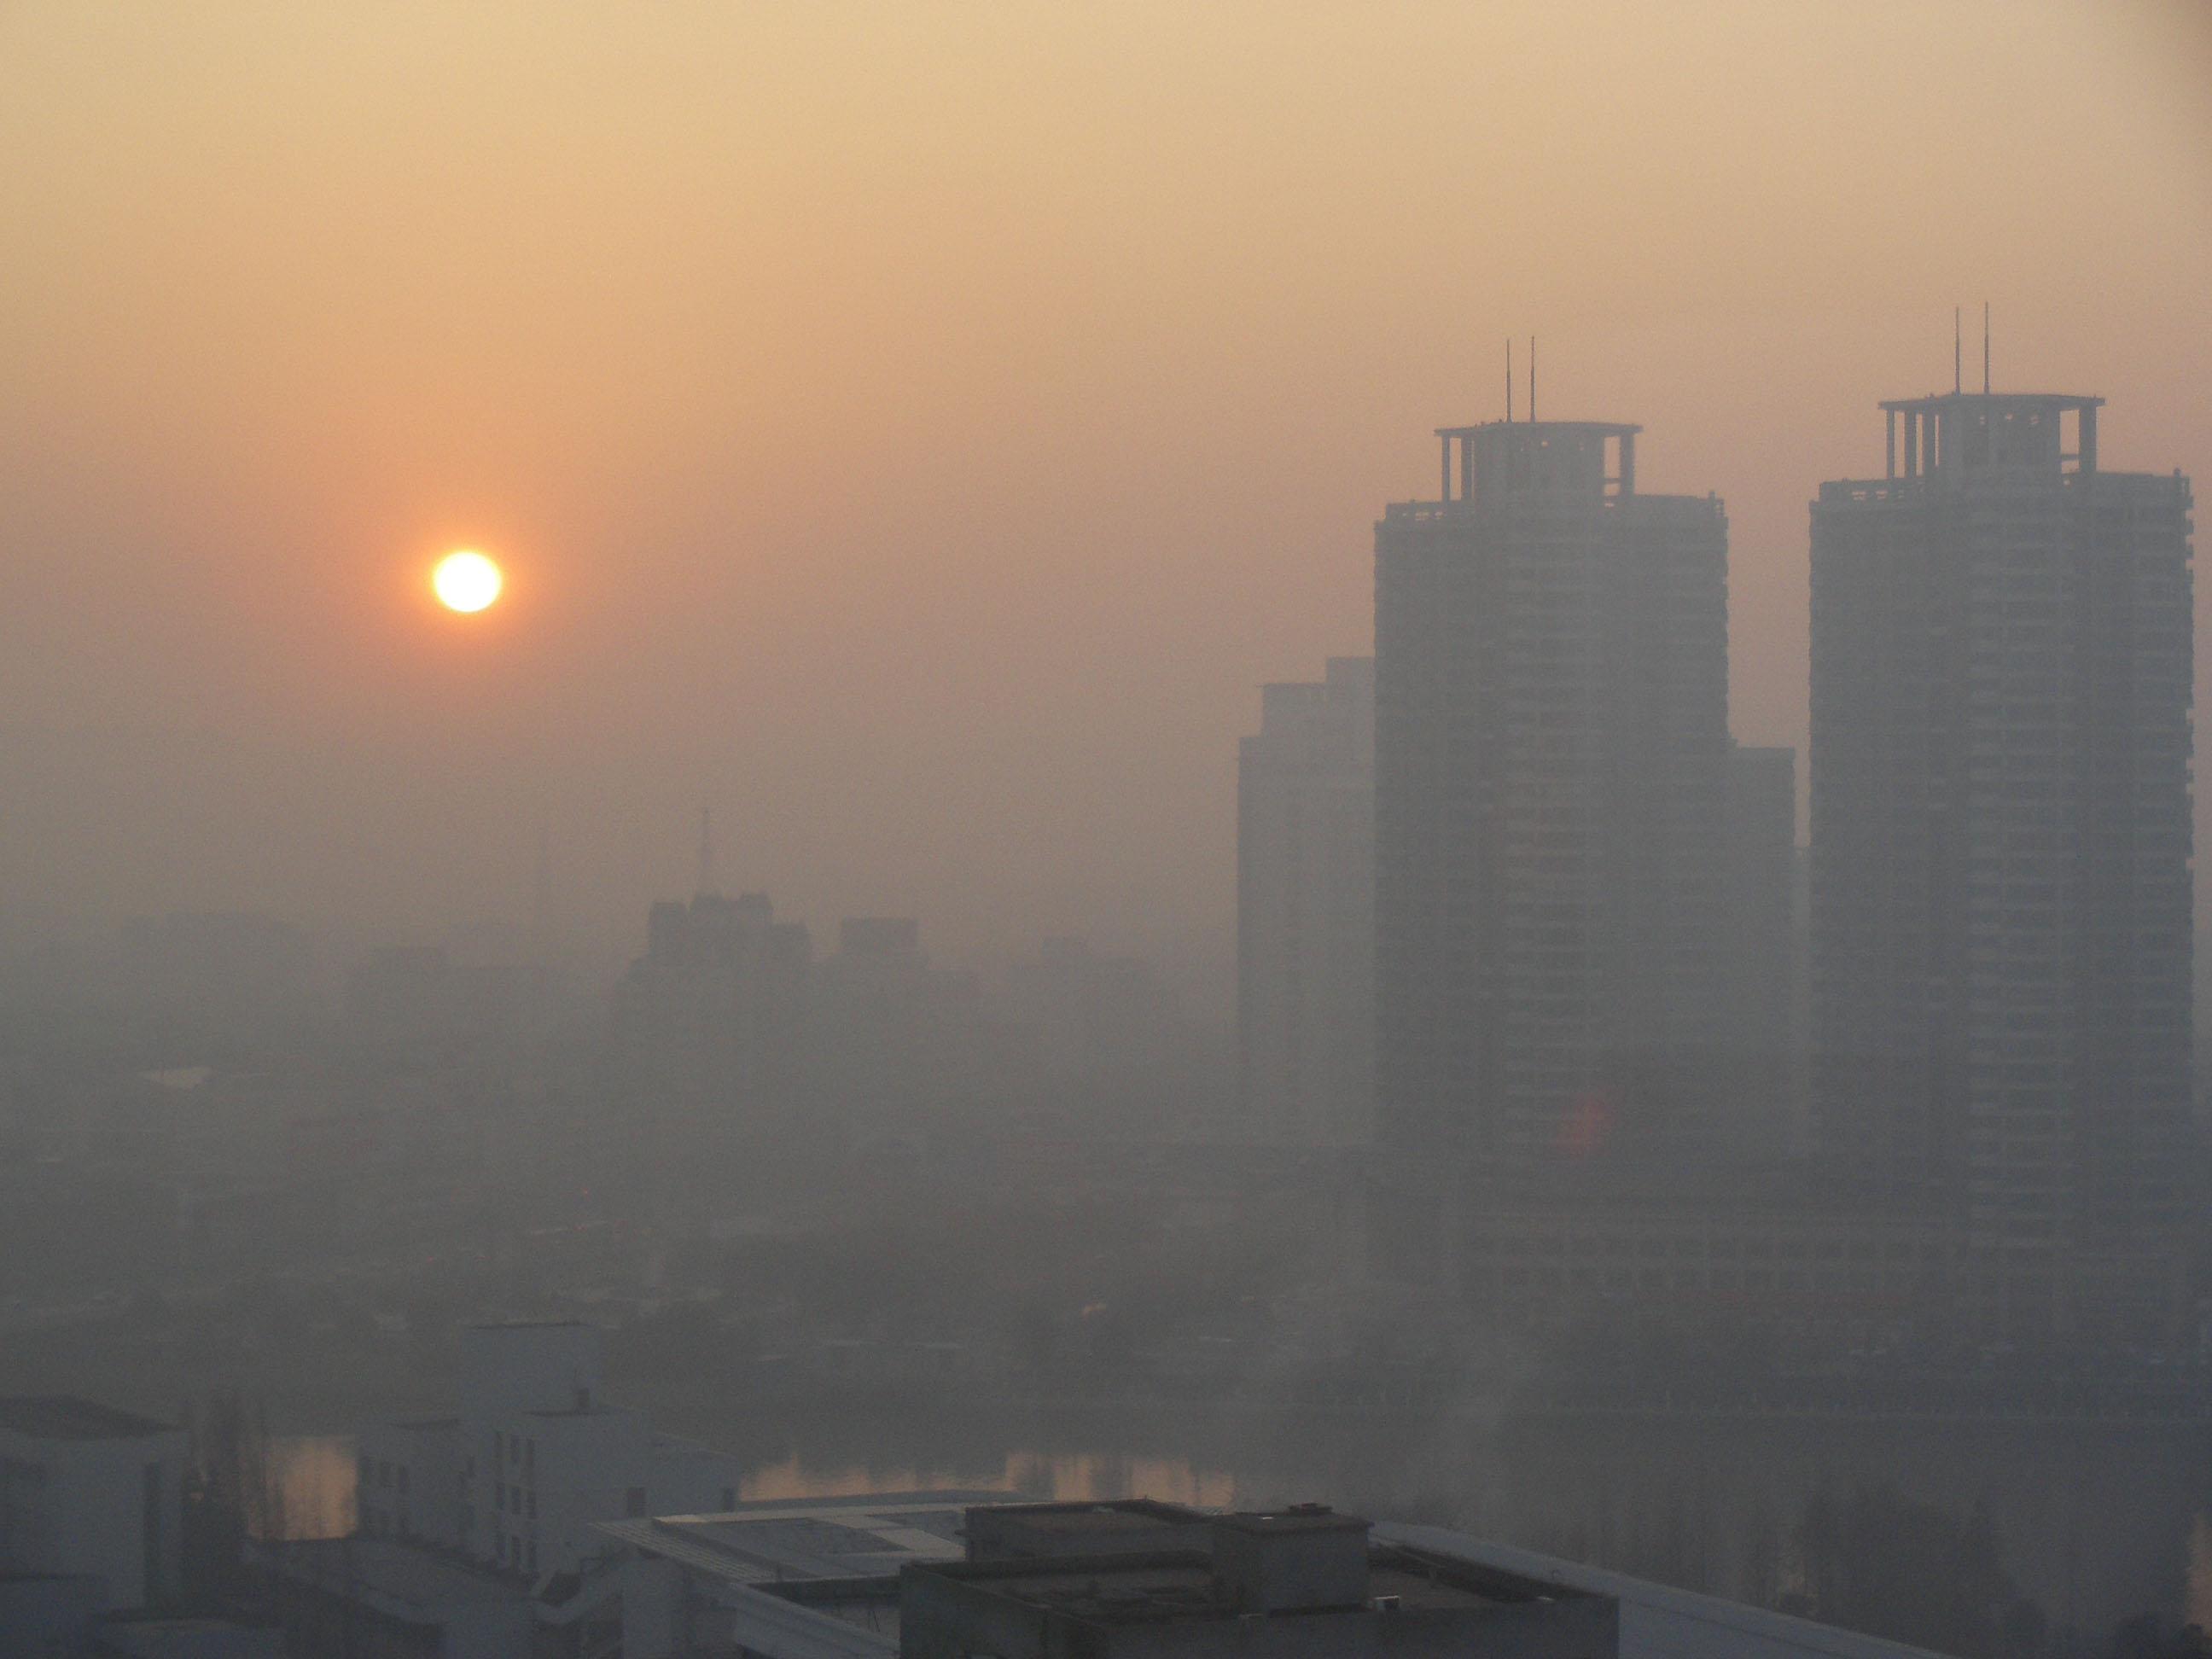 «برج سازی در شمال غرب شیراز باعث افزایش آلودگی هوا میشود»